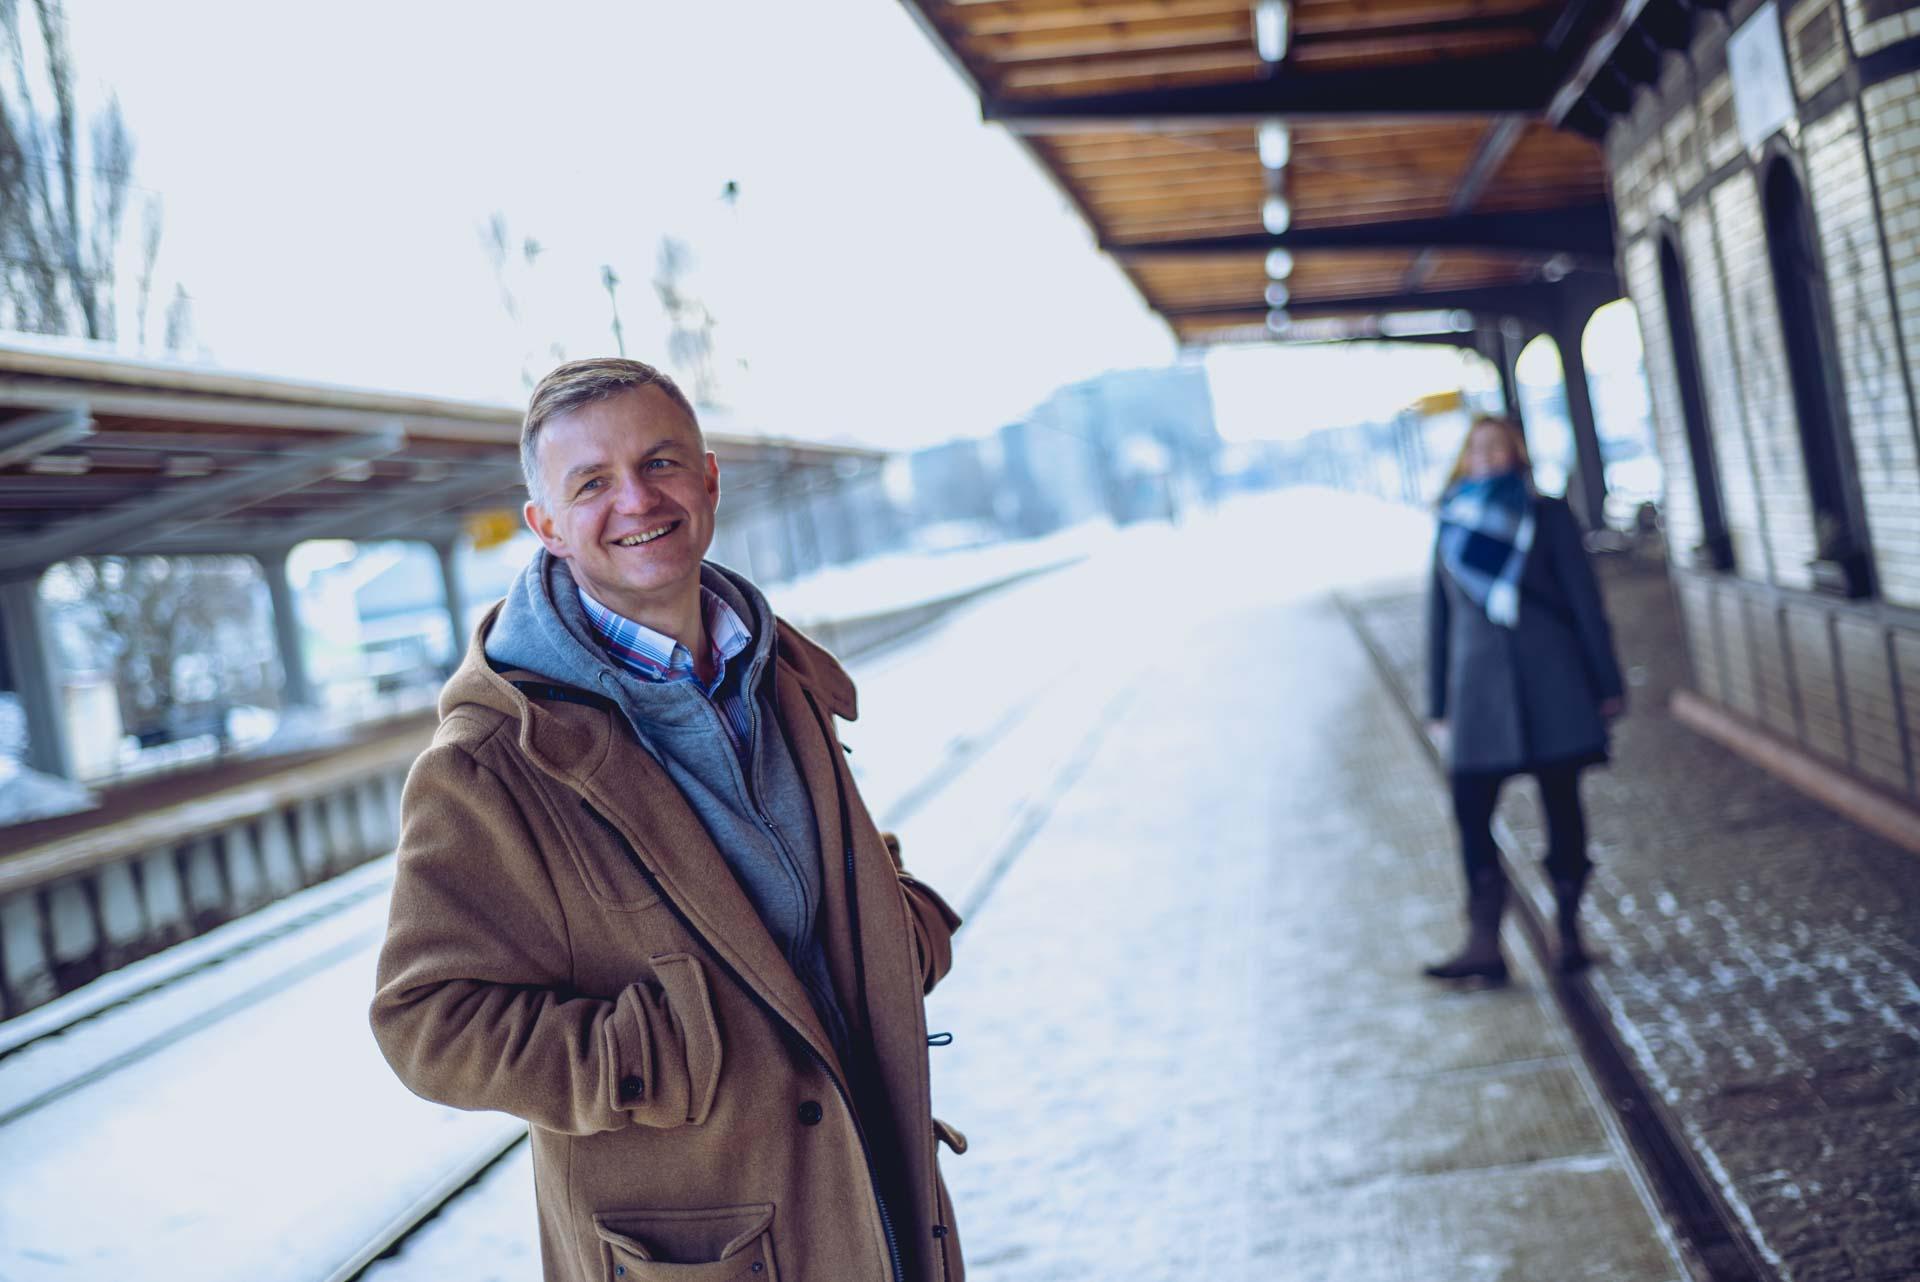 Fotografia portretowa - sesja wizerunkowa zrealizowana dla podcastu Stacja Zmiana - zdjęcia wykonane zimą w plenerze, w różnych lokalizacjach Gdańska